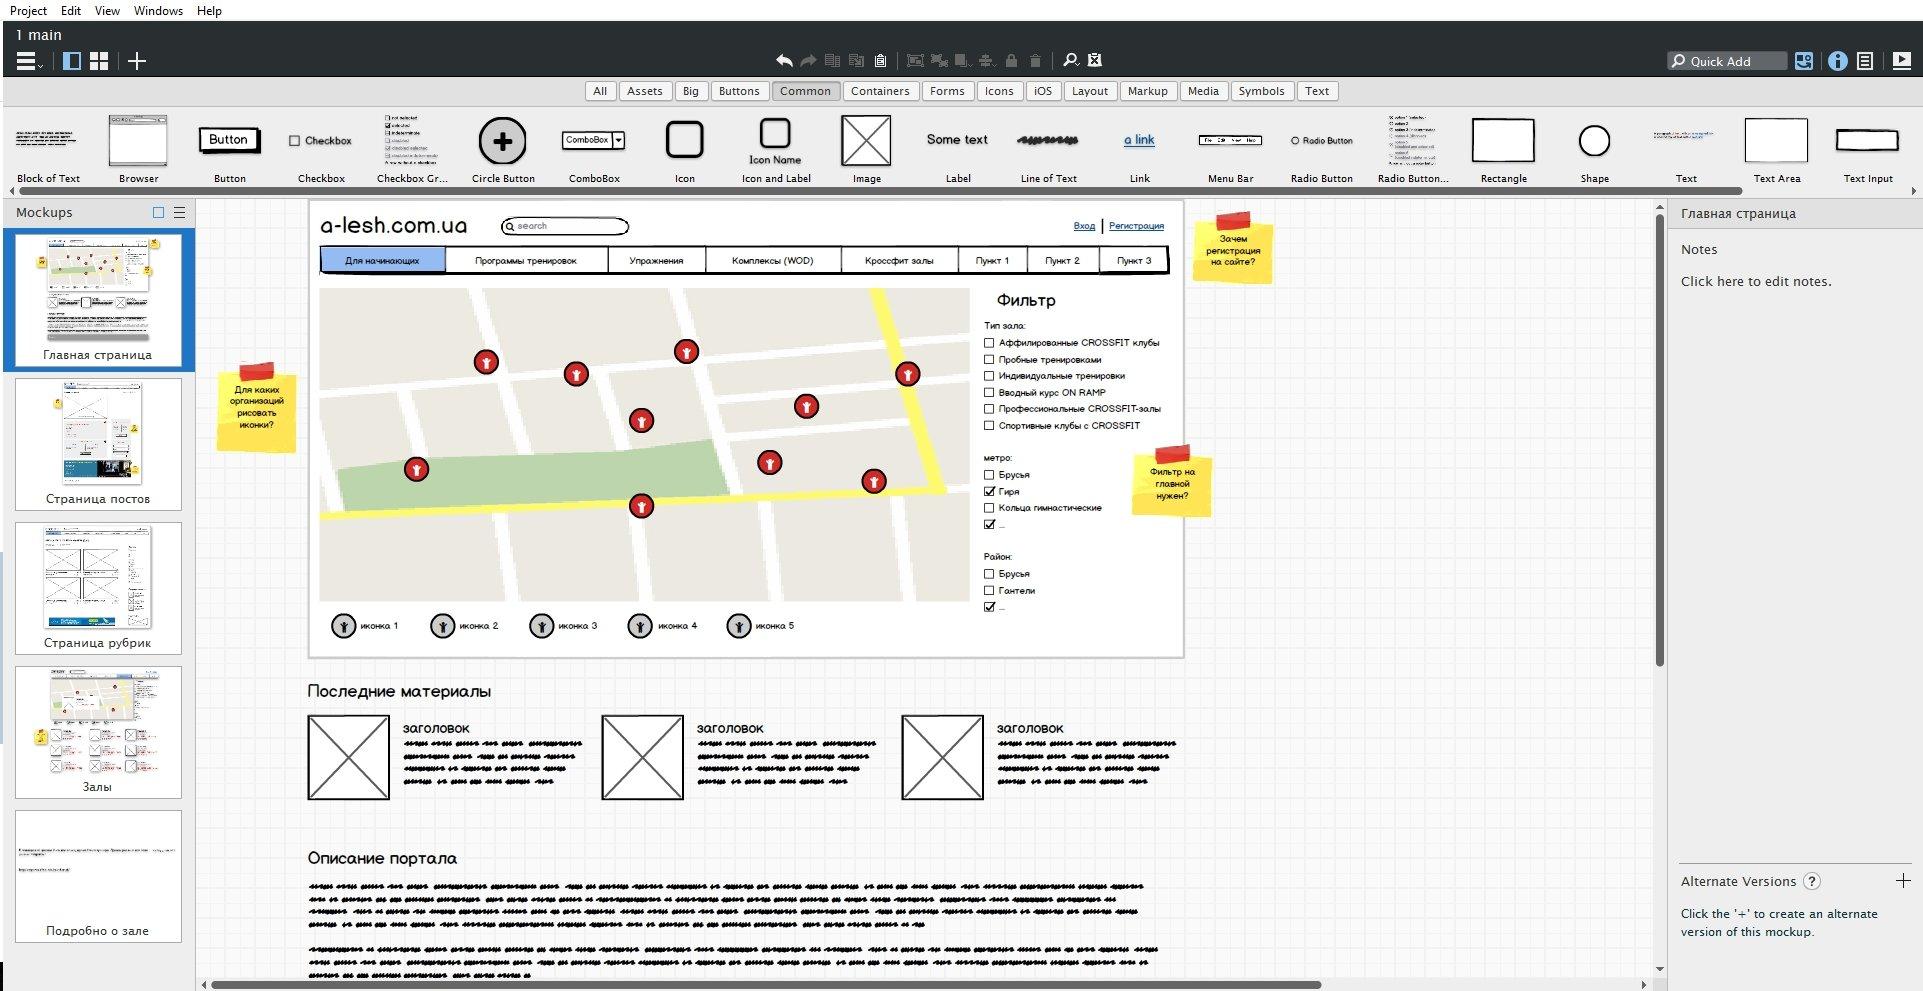 balsamiq - проектирование интерфейса сайта